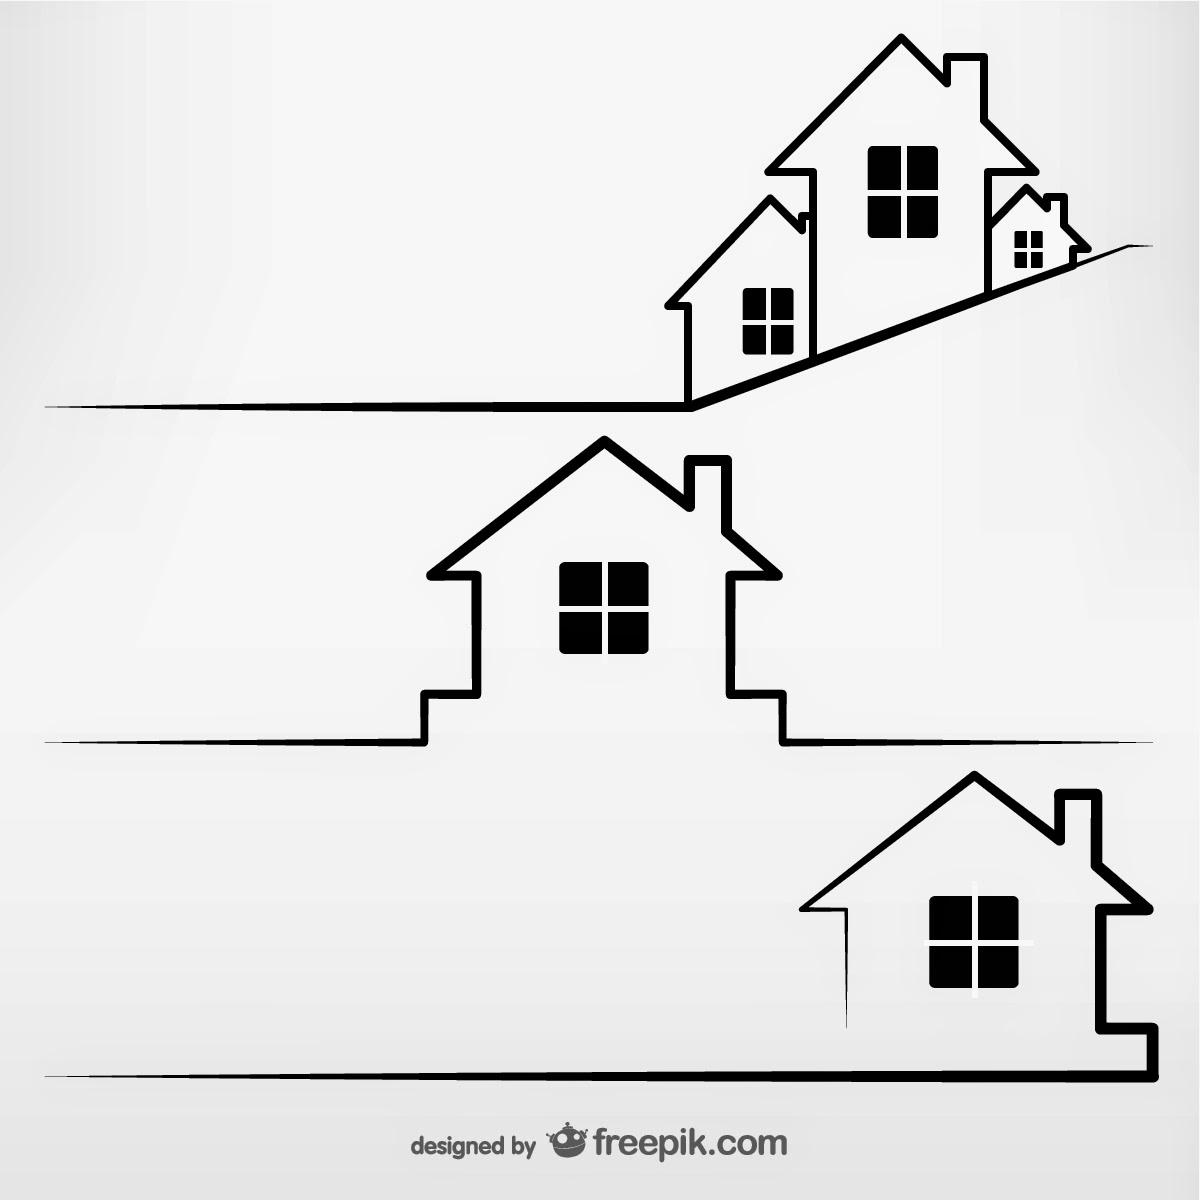 Abogados de Herencias en Zaragoza - Las viviendas y otras cosas comunes heredadas